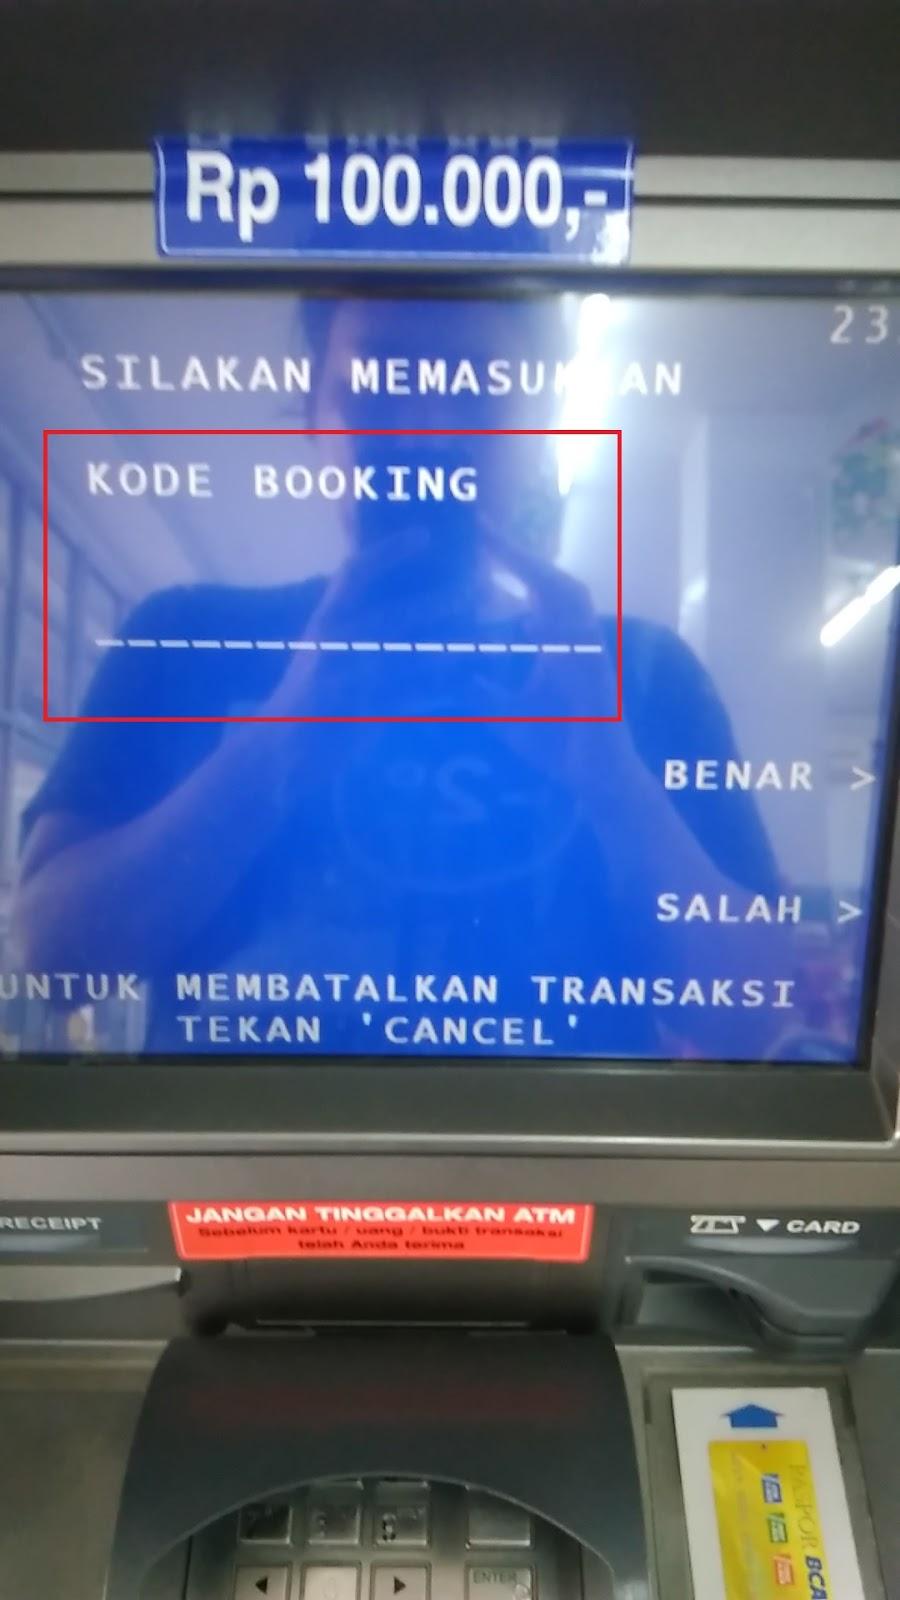 Bayar Tiket Kereta Api Via Atm BCA - Dibacaonline